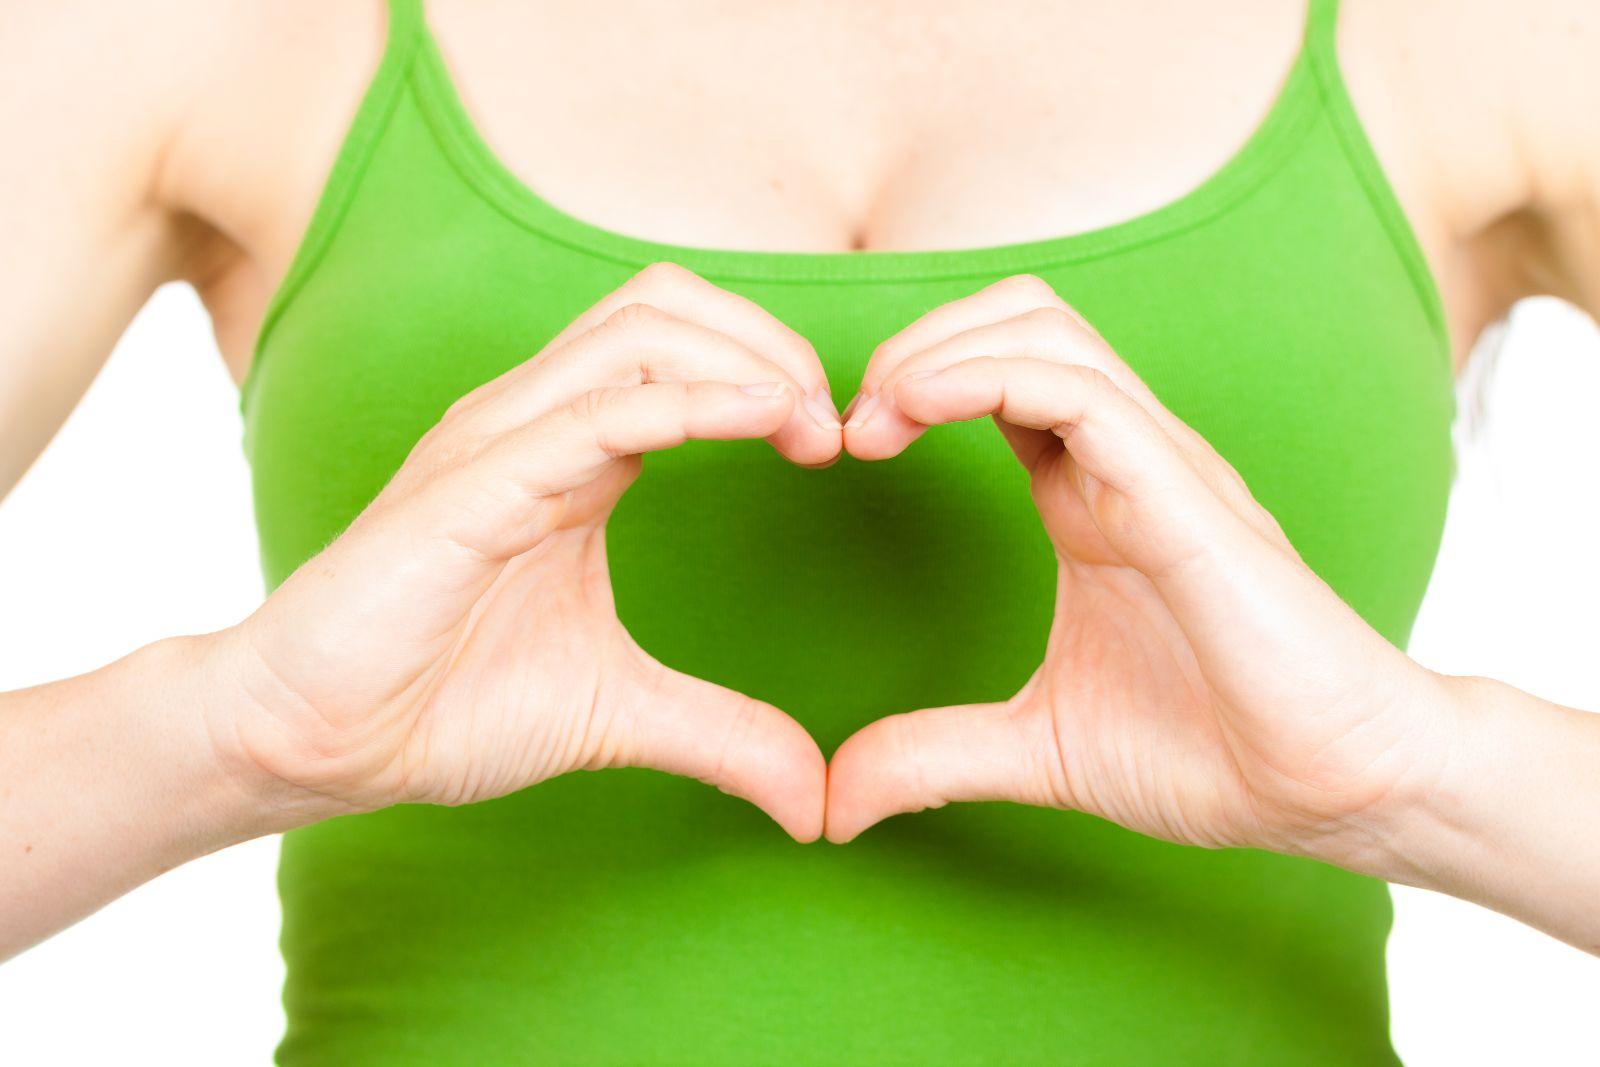 Mujer con camiseta verde hace con sus manos un símbolo de corazón